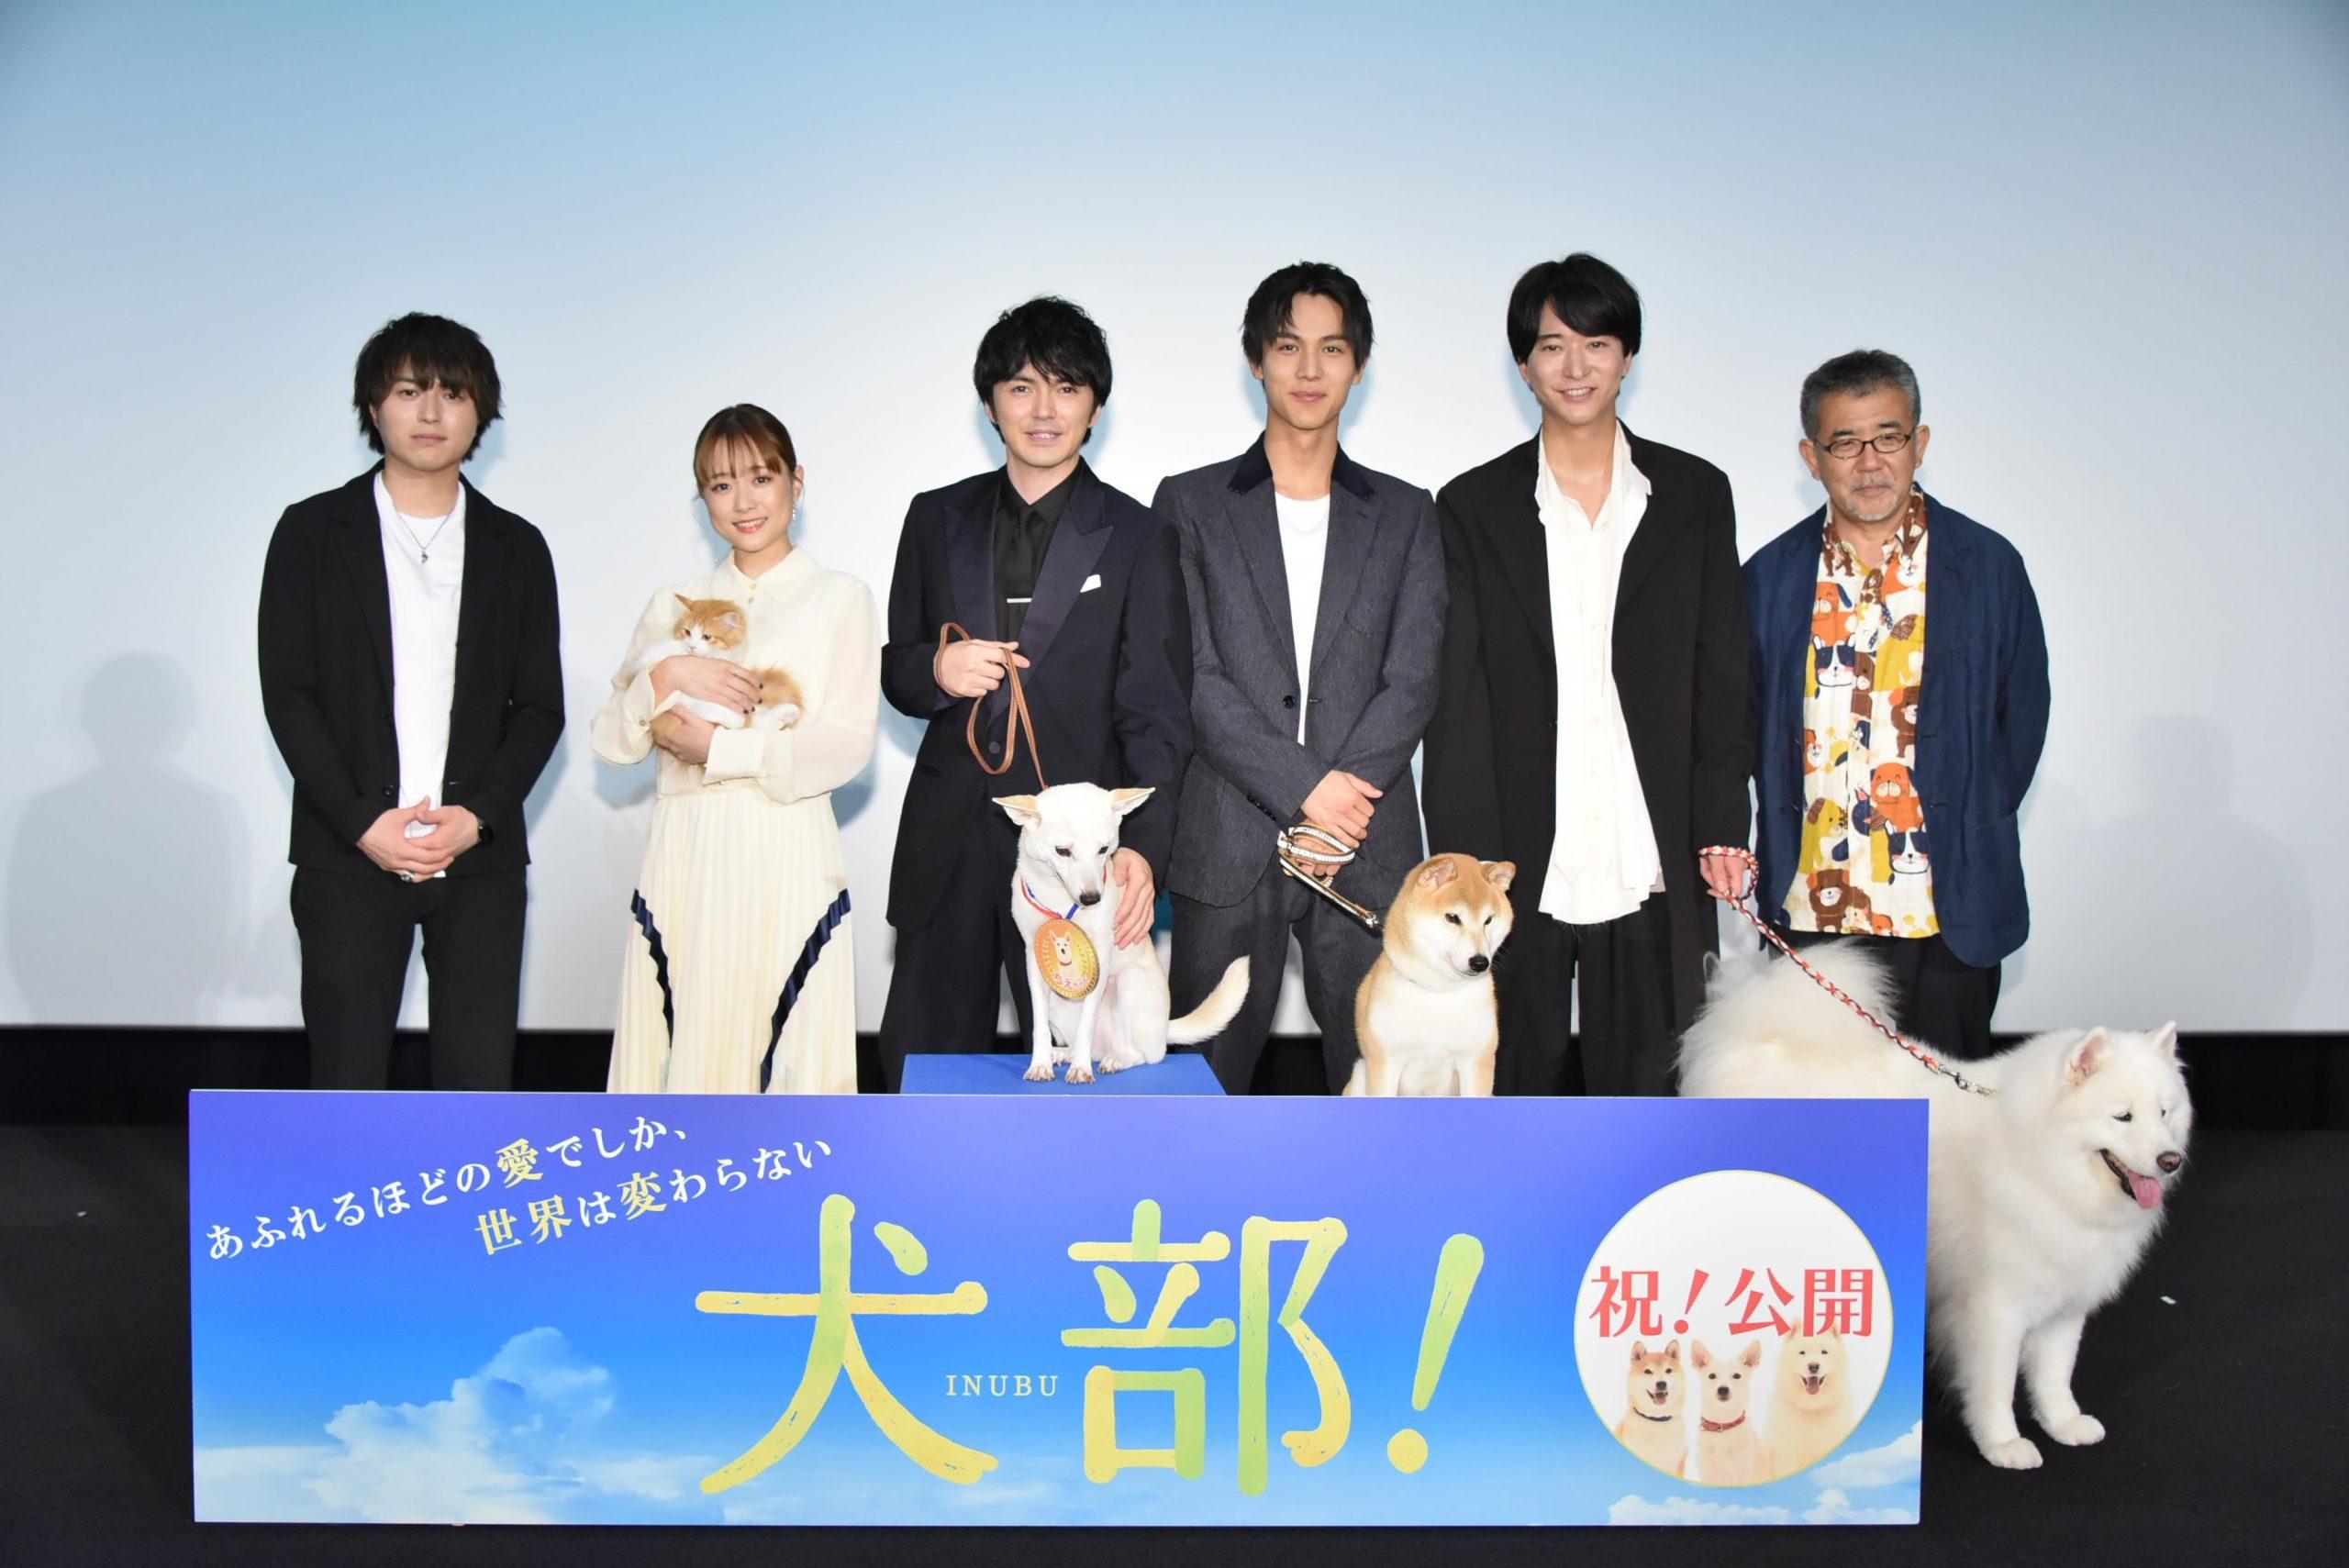 映画『犬部!』感謝を込めて…林遣都から相棒犬へ日本最速金メダルを授与!「動物たちの未来が明るくなる事を心から祈ります」<br>Novelbright 竹中雄大は主題歌をアカペラで初歌唱!公開初日を祝福!